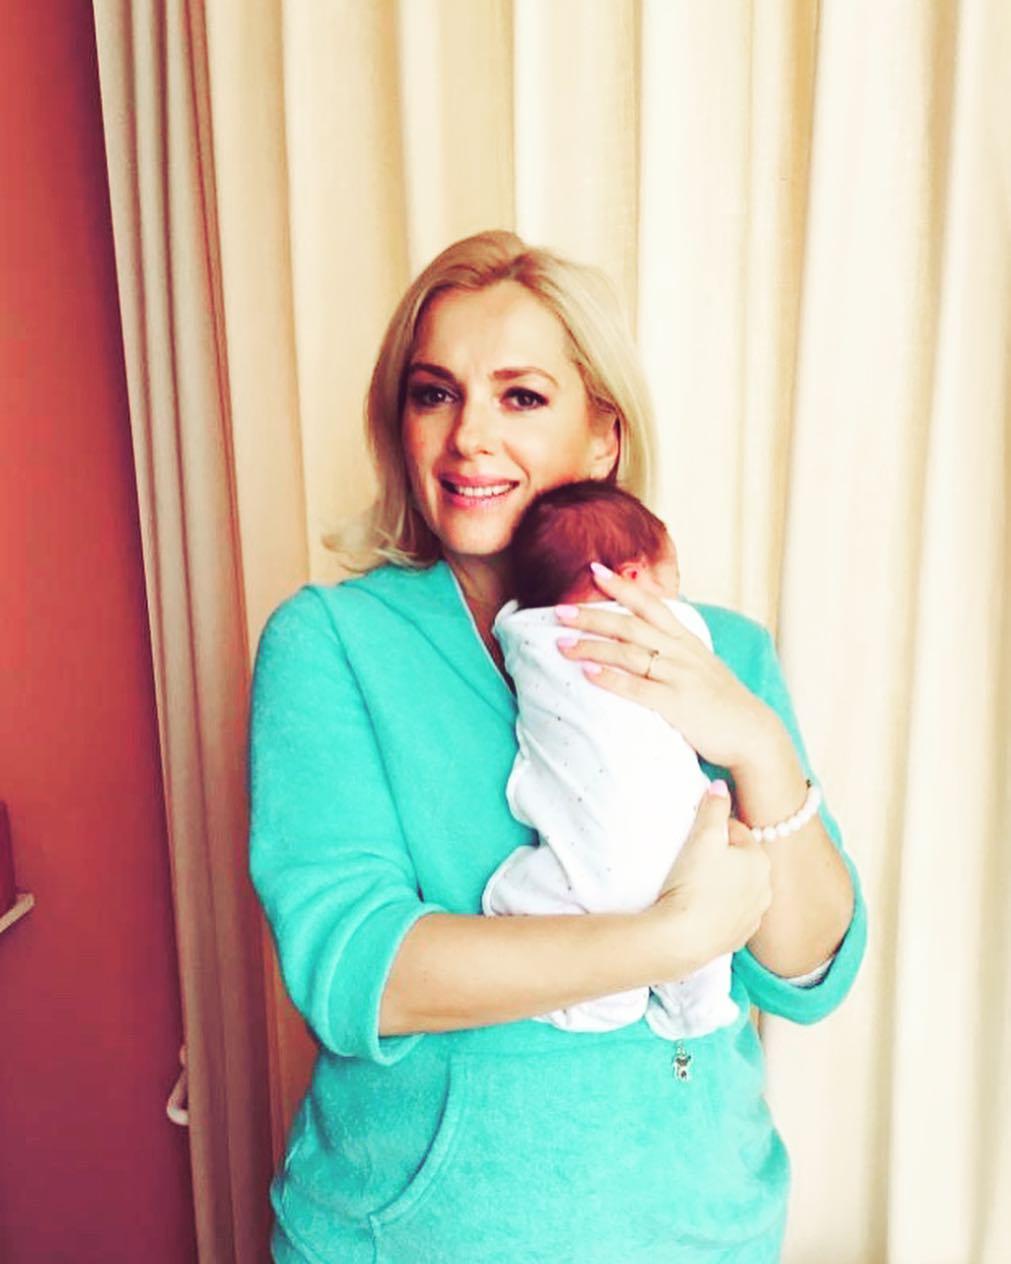 Я очень счастлива сообщить, что в пятый раз стала мамой!!! Это сын!!